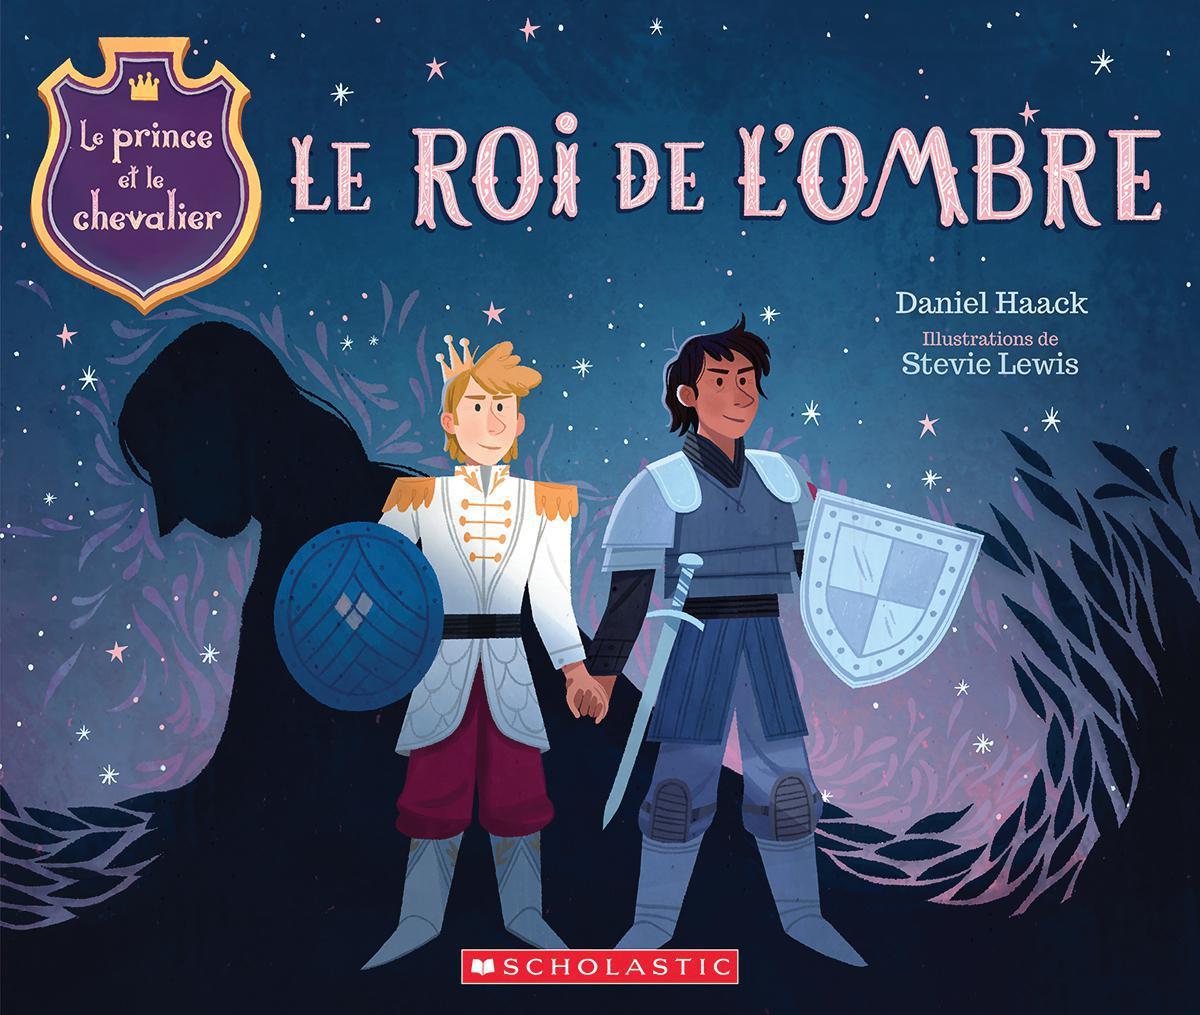 Le prince et le chevalier : Le roi de l'ombre - Tome 2